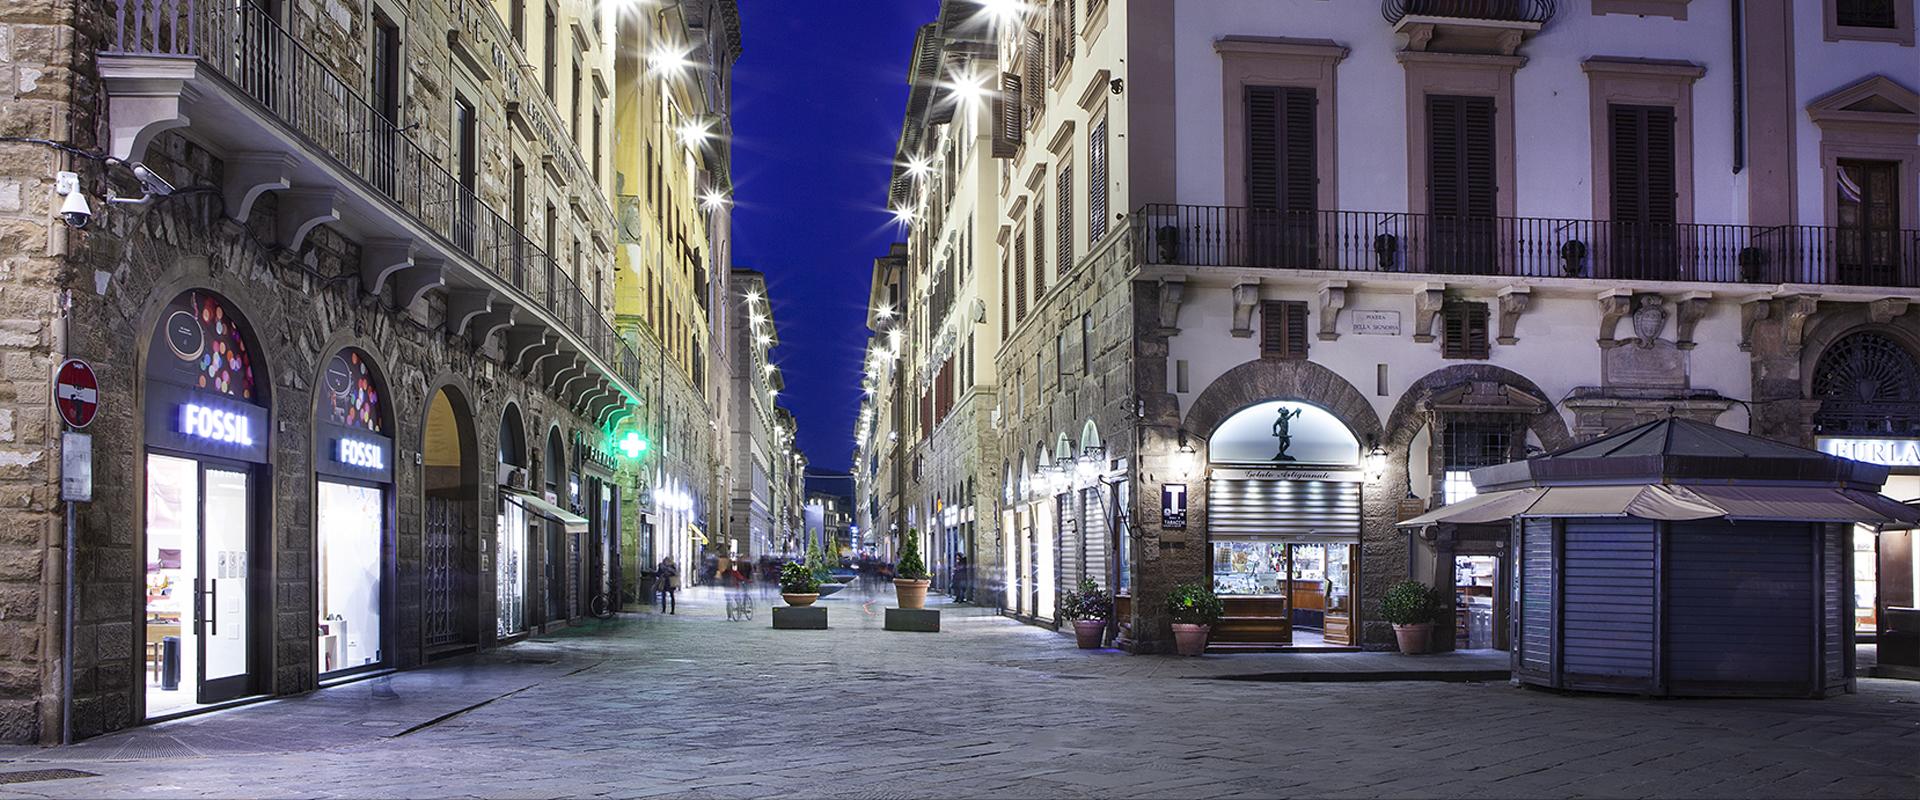 Faro LED per illuminazione architetturale